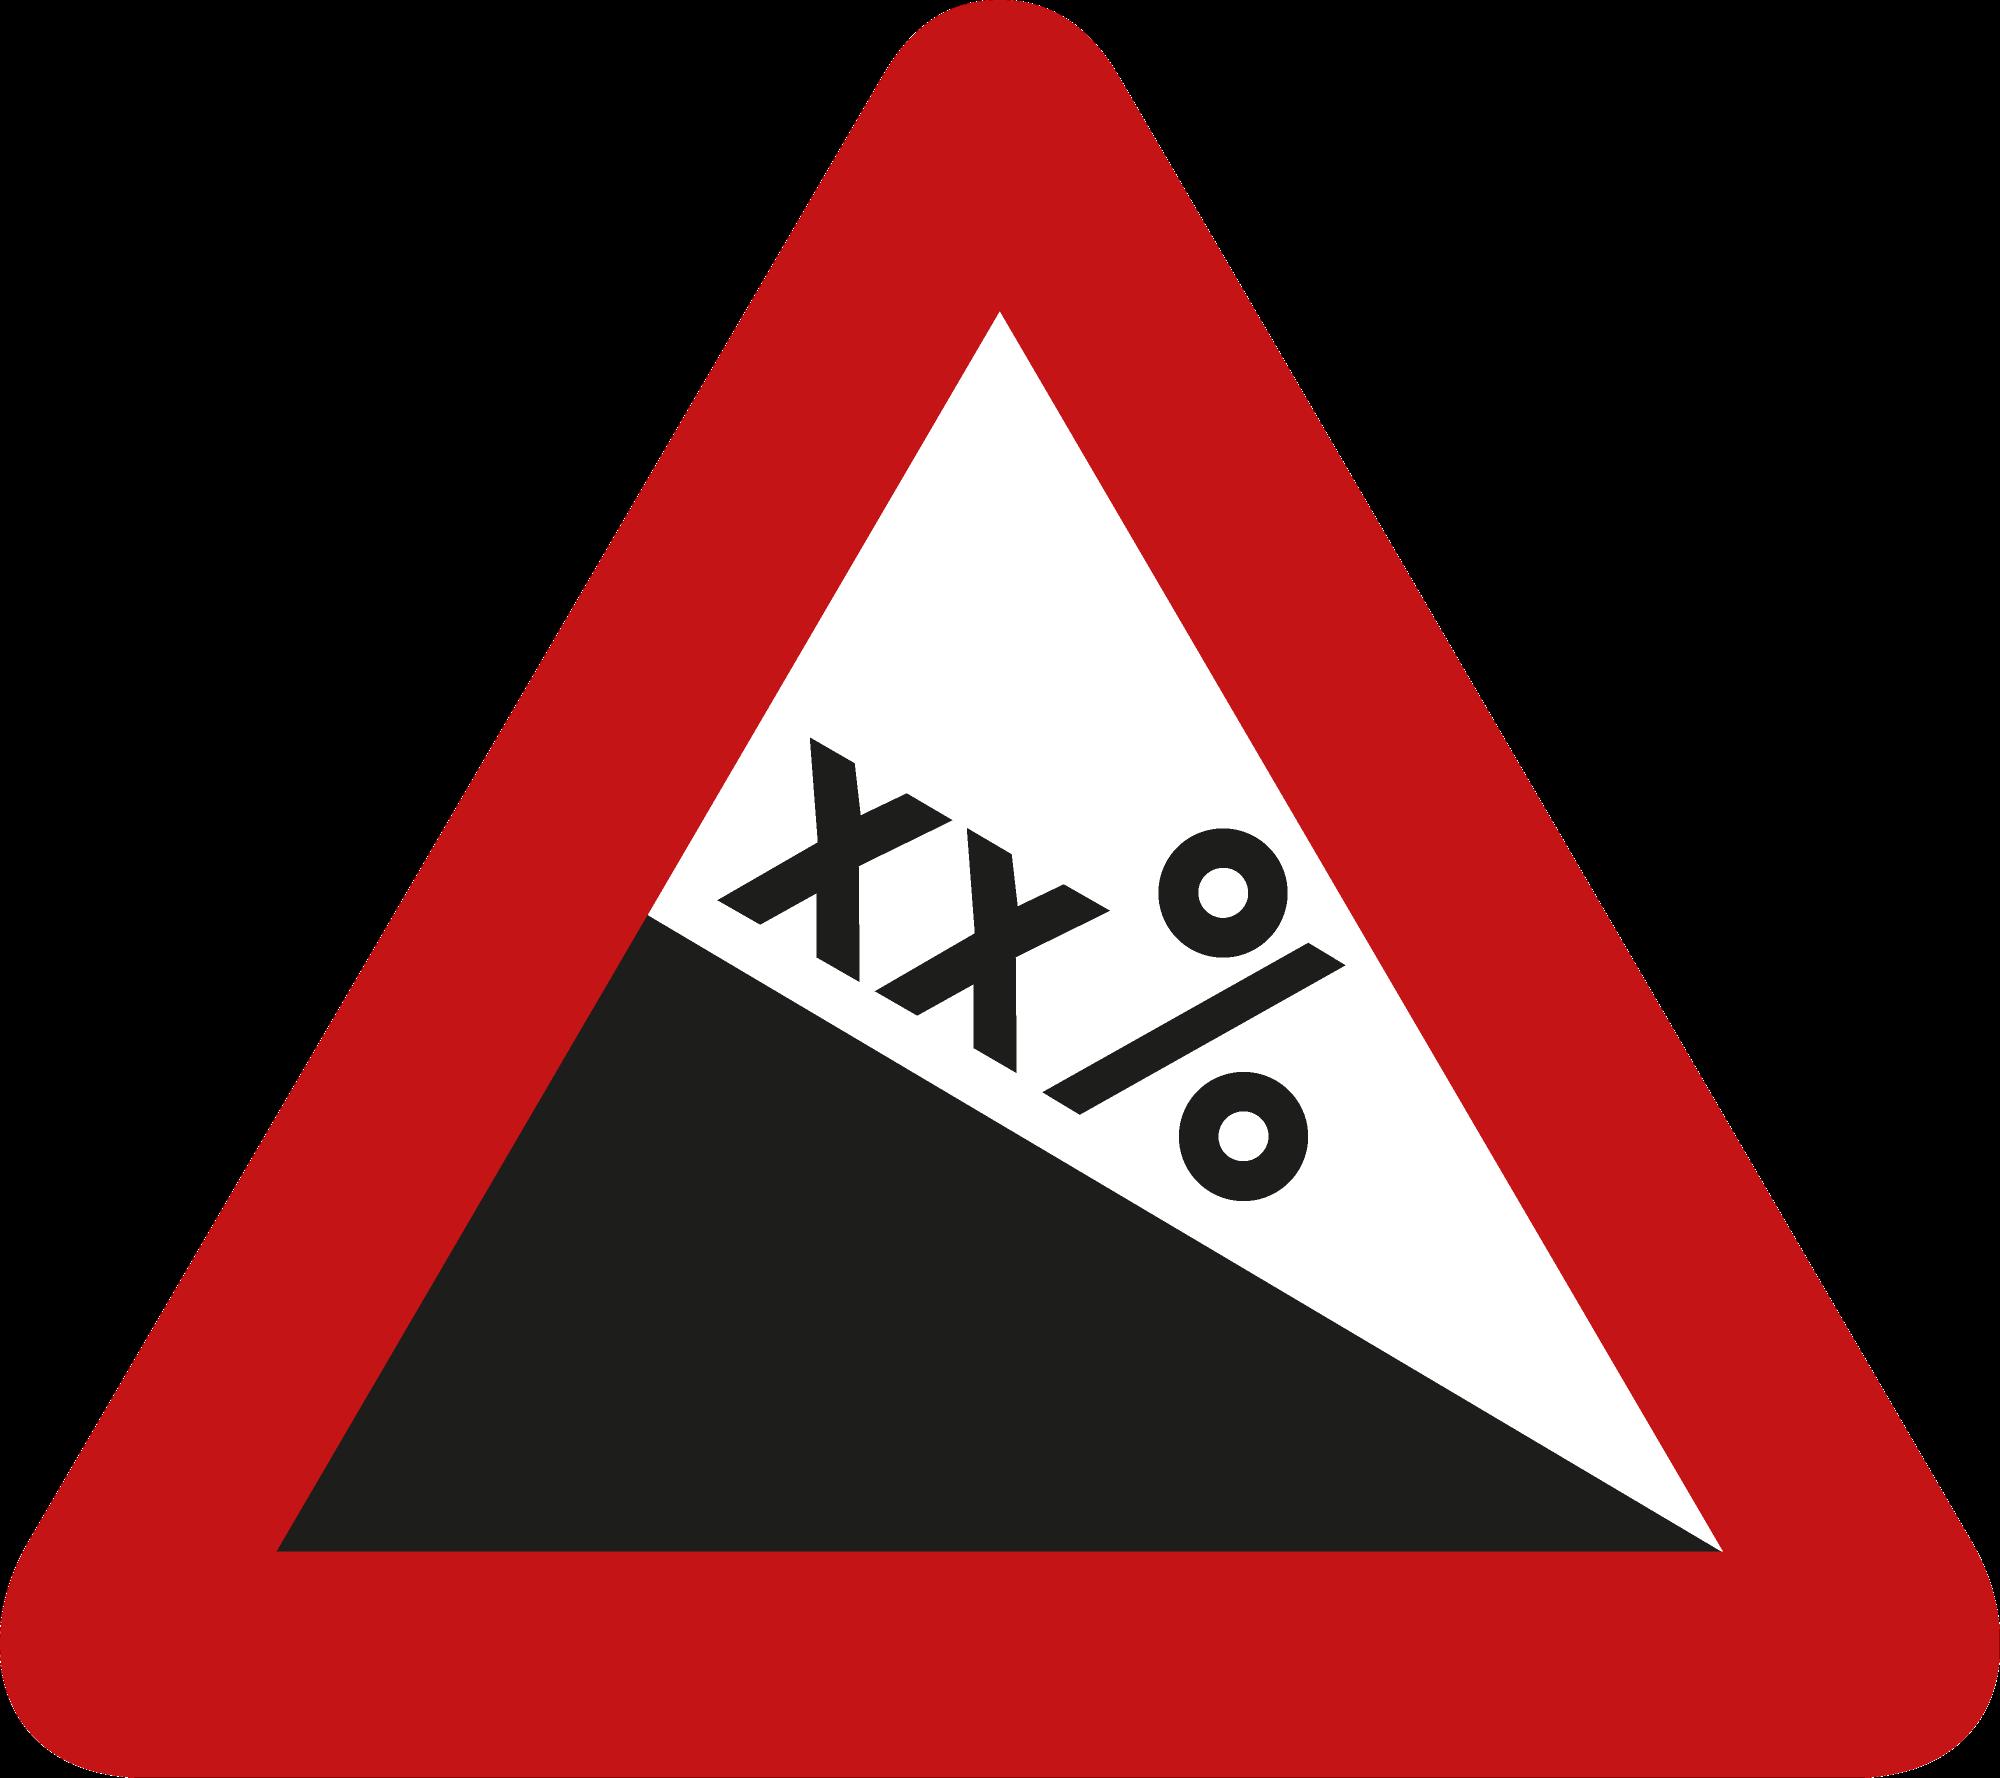 Signface - A3 - klasse  I - zijde 400 mm